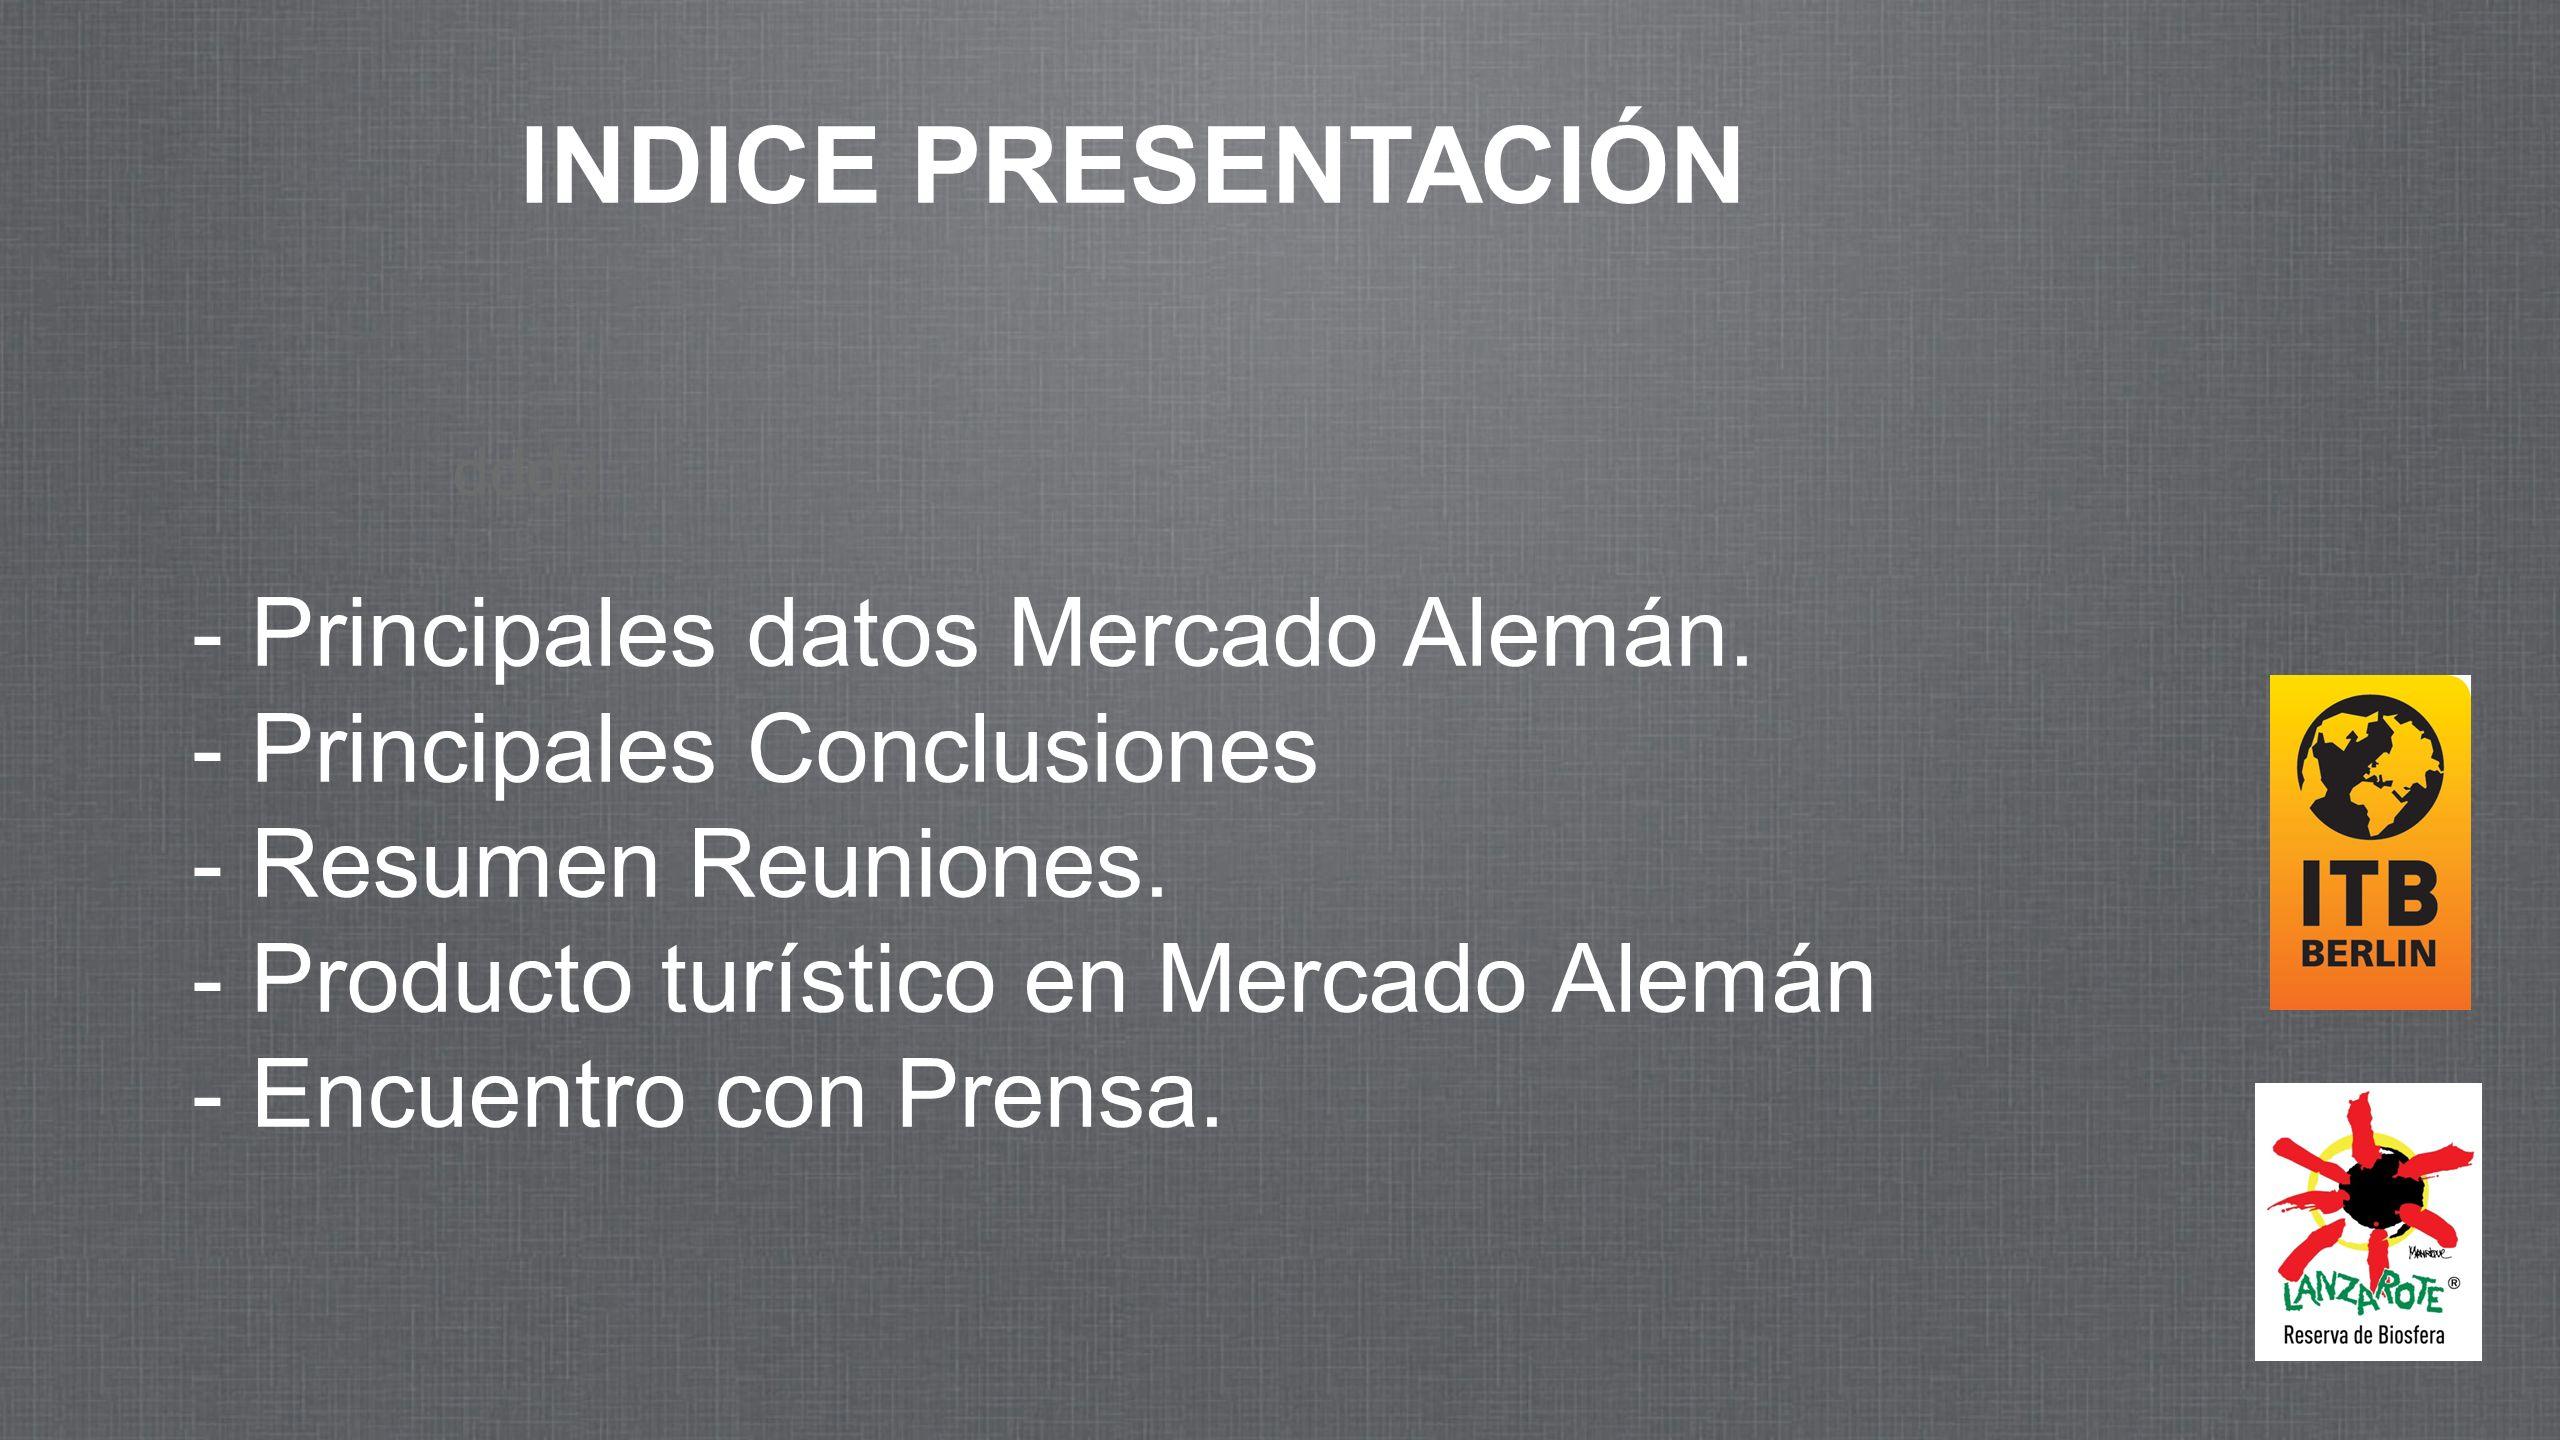 j PRINCIPALES DATOS MERCADO ALEMÁN Segundo mercado internacional de Lanzarote, tras Reino Unido Entrada Turistas Alemanes Lanzarote 2012: 302313 PAX.